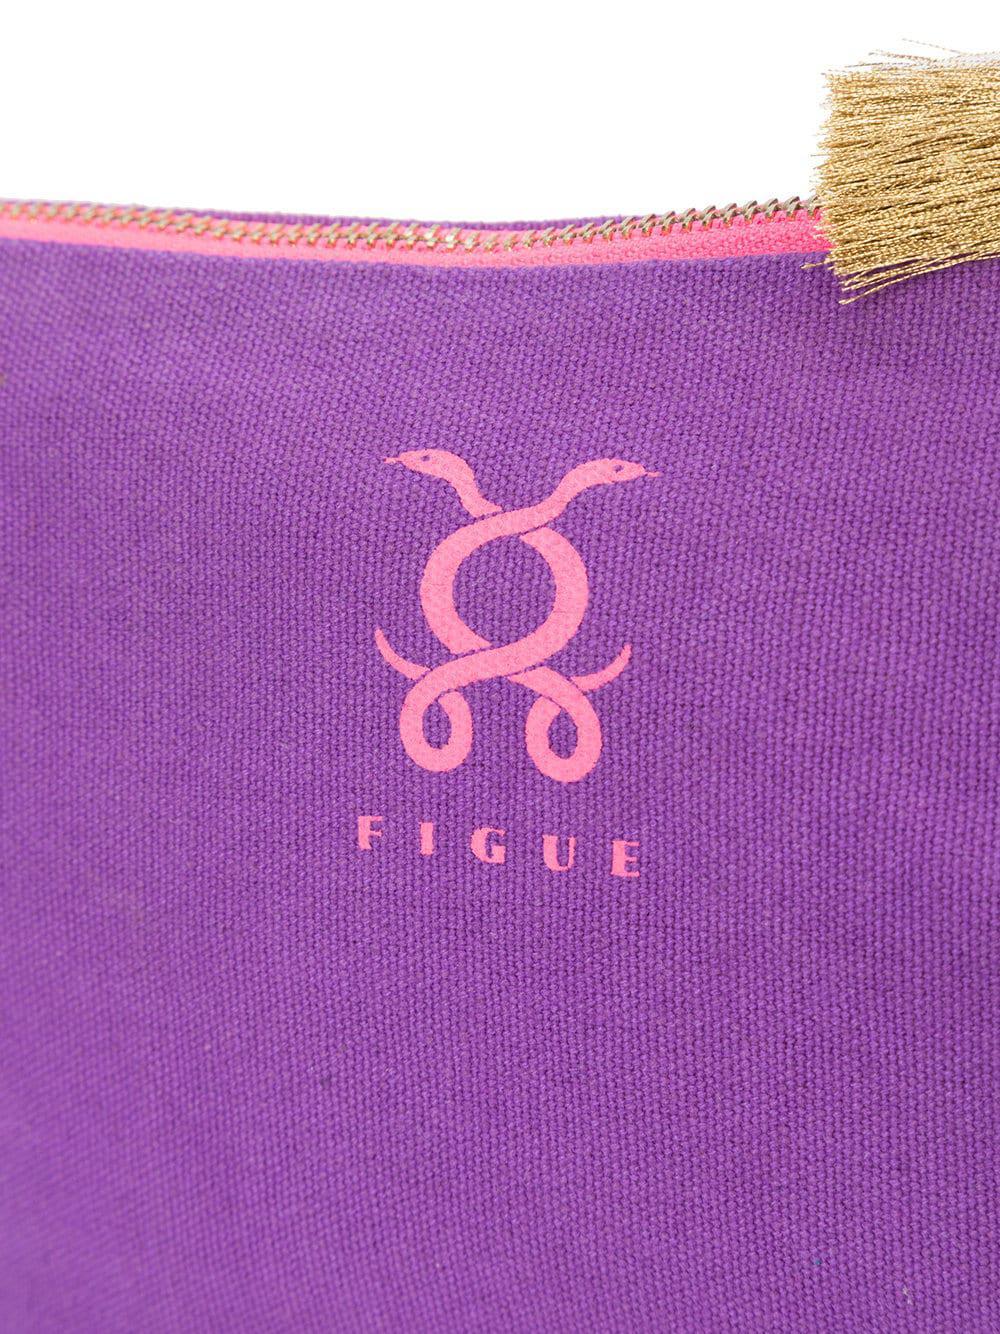 Bolsa volador elefante maquillaje de Figue SqqOFXx